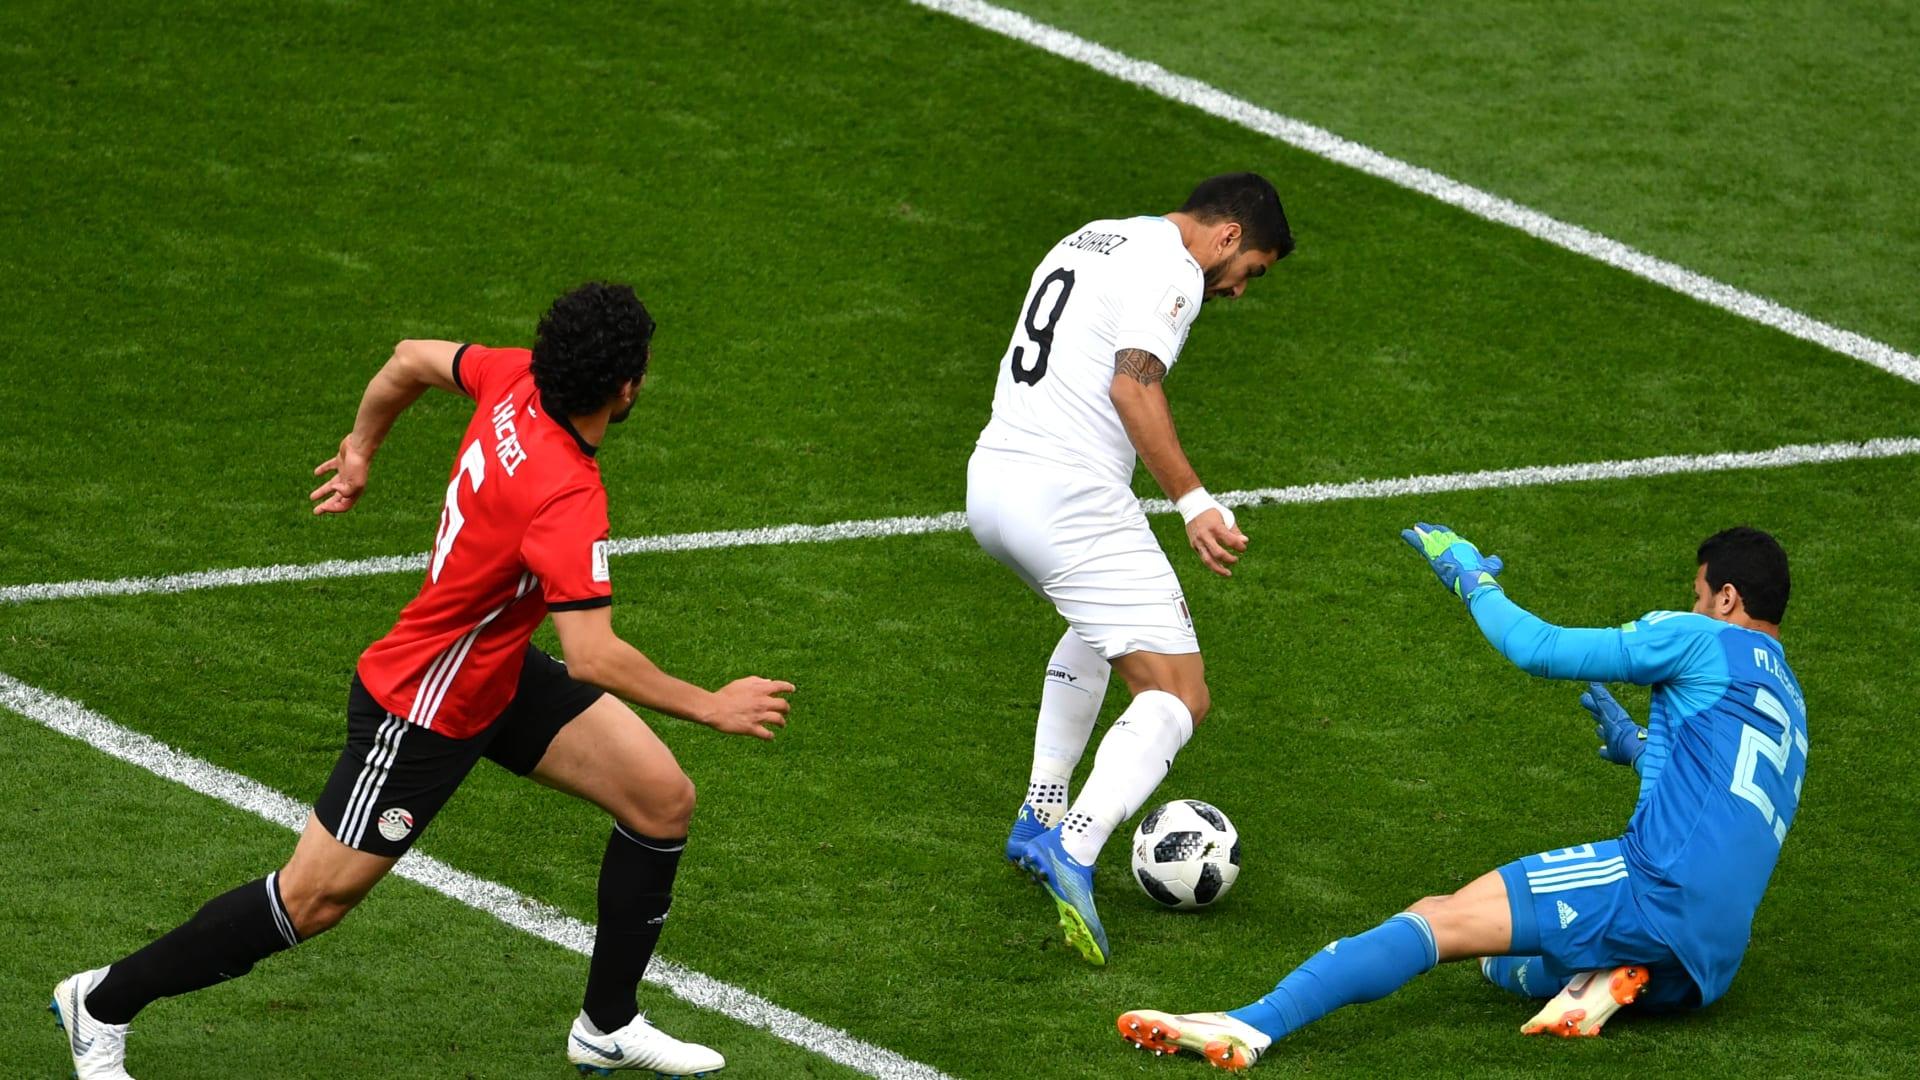 أفضل لاعب في مباراة مصر والأوروغواي مصري.. فمن هو؟